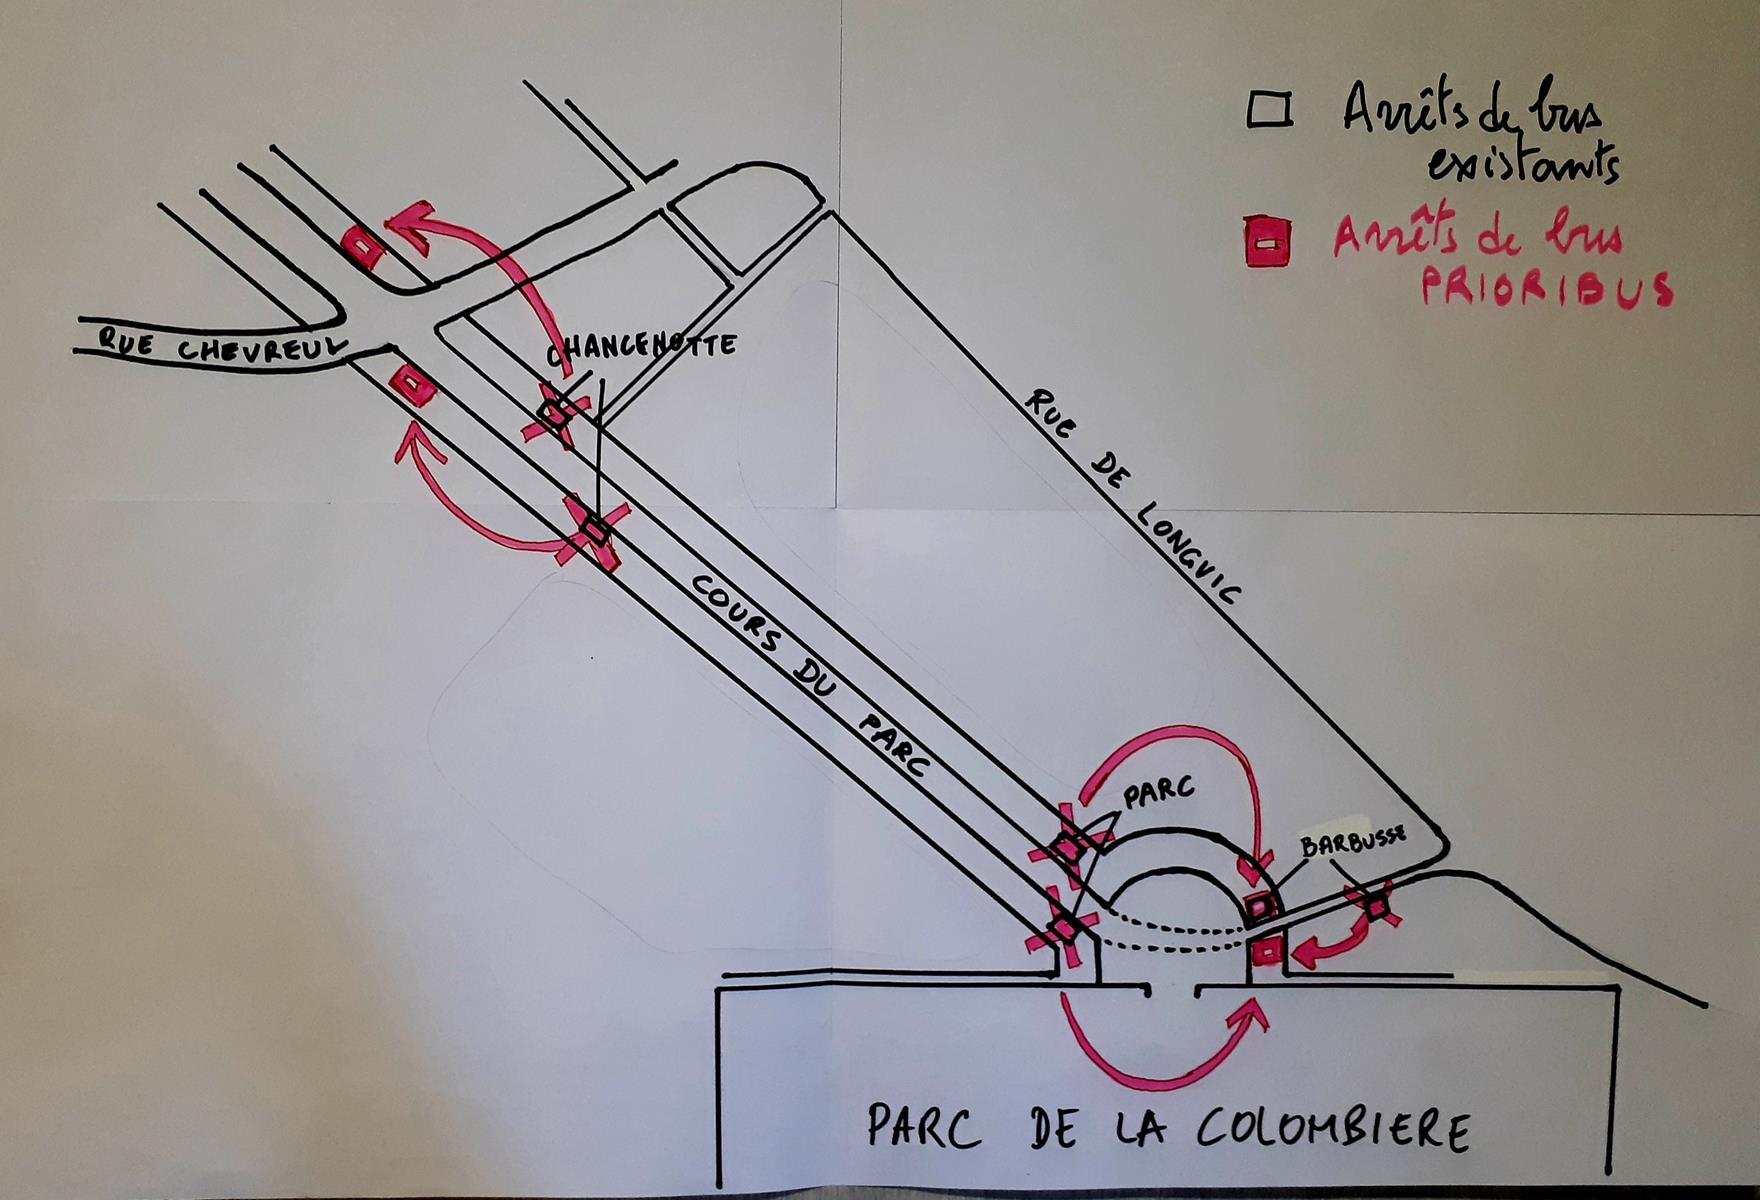 Schéma d'évolution arrêts Divia Parc et Barbusse 2